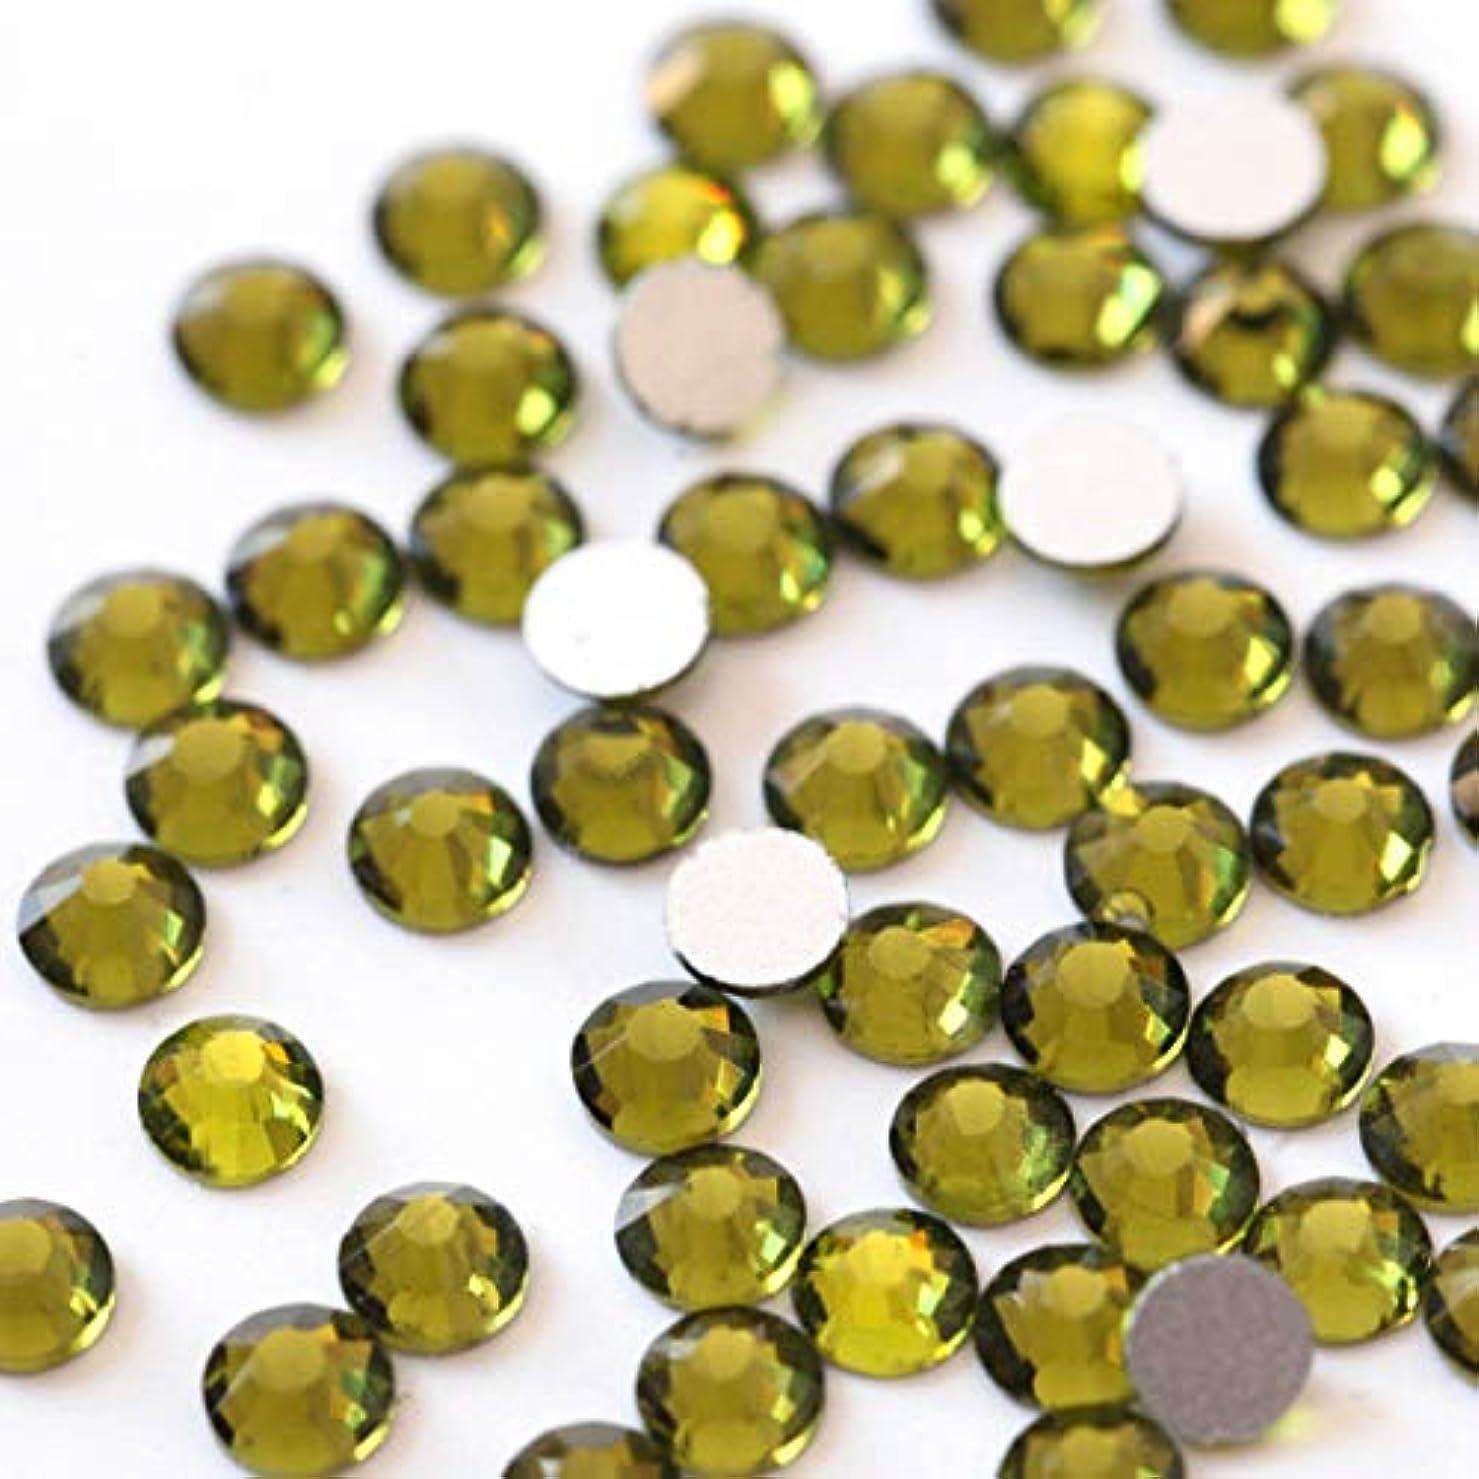 非アクティブバンケット引き出し【ラインストーン77】高品質ガラス製ラインストーン オリーブ(1.7mm (SS5) 約200粒)